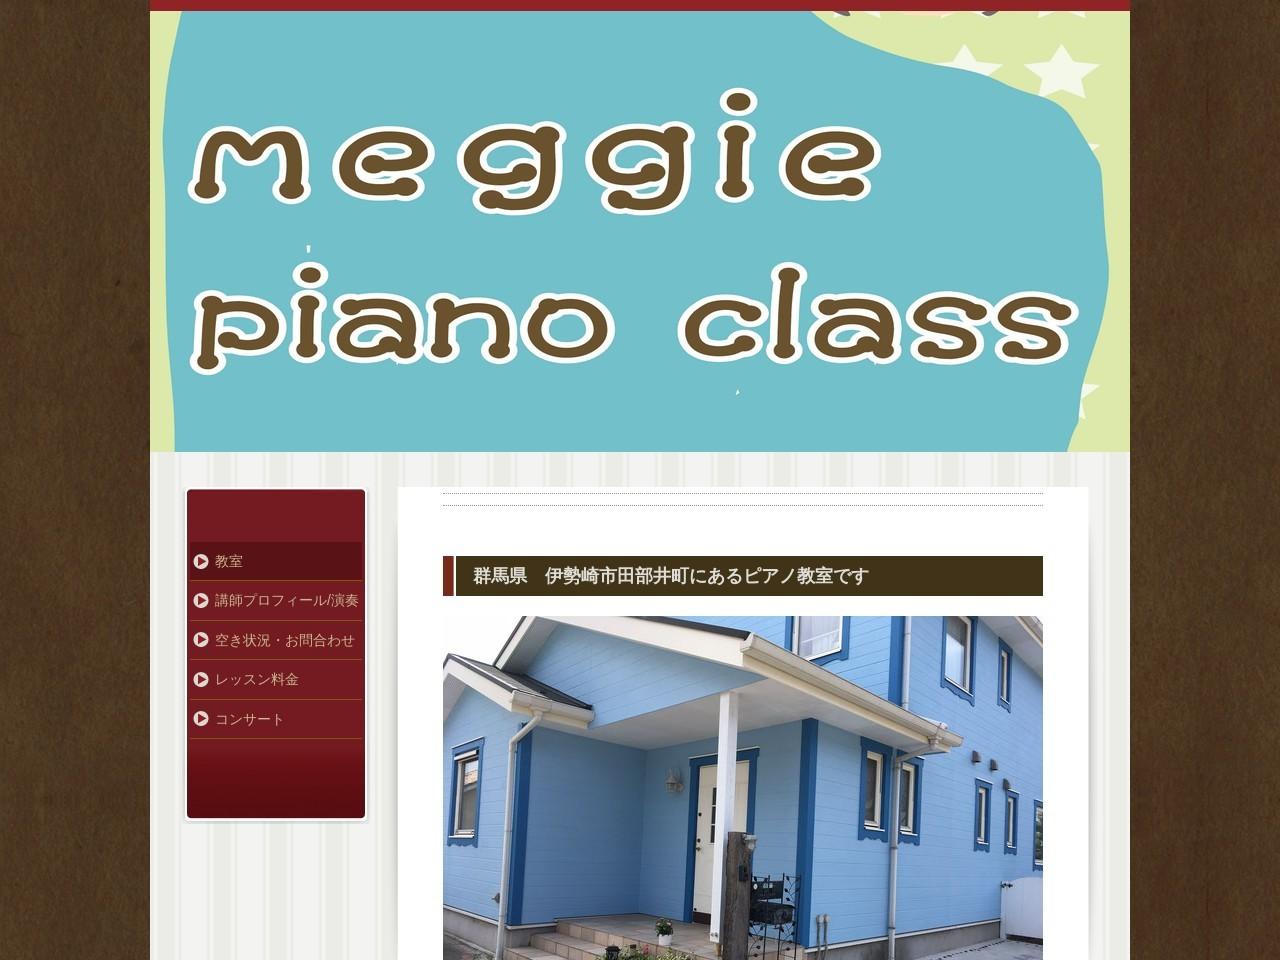 メギ・ピアノクラスのサムネイル